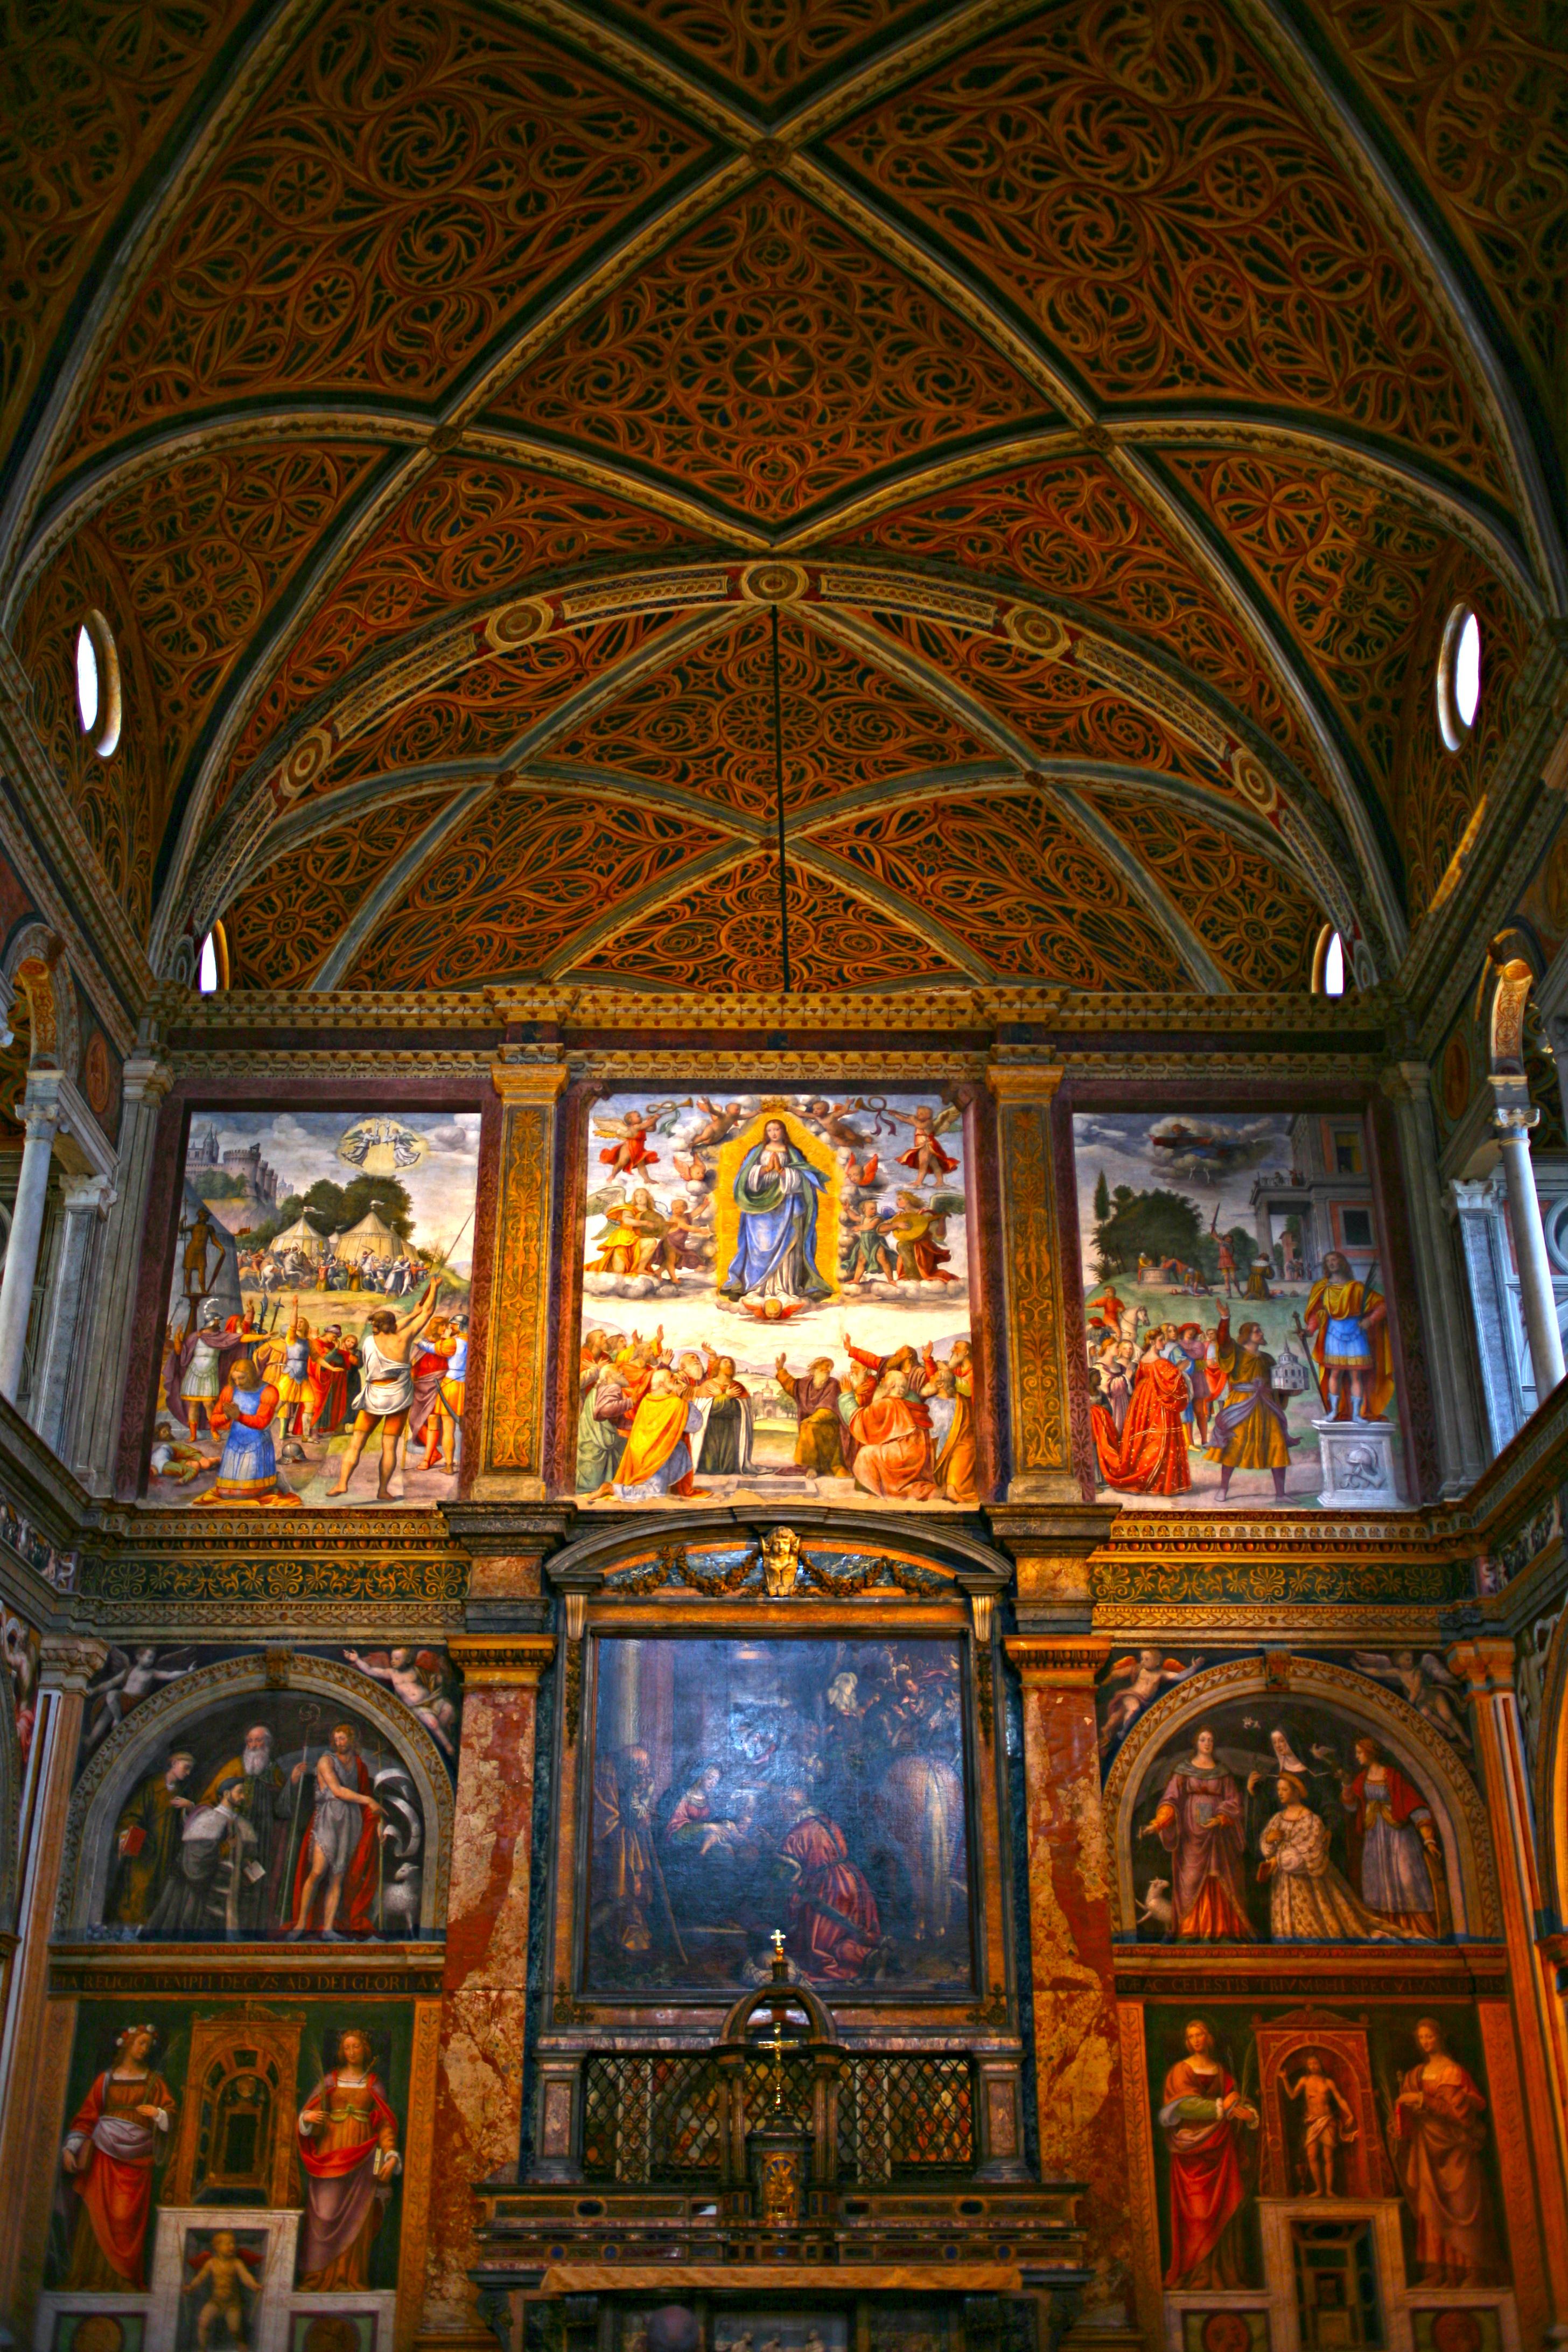 Al centro della parete dietro l'altare maggiore si può vedere la grata che garantiva alla madre superiora di assistere alla messa senza essere vista.